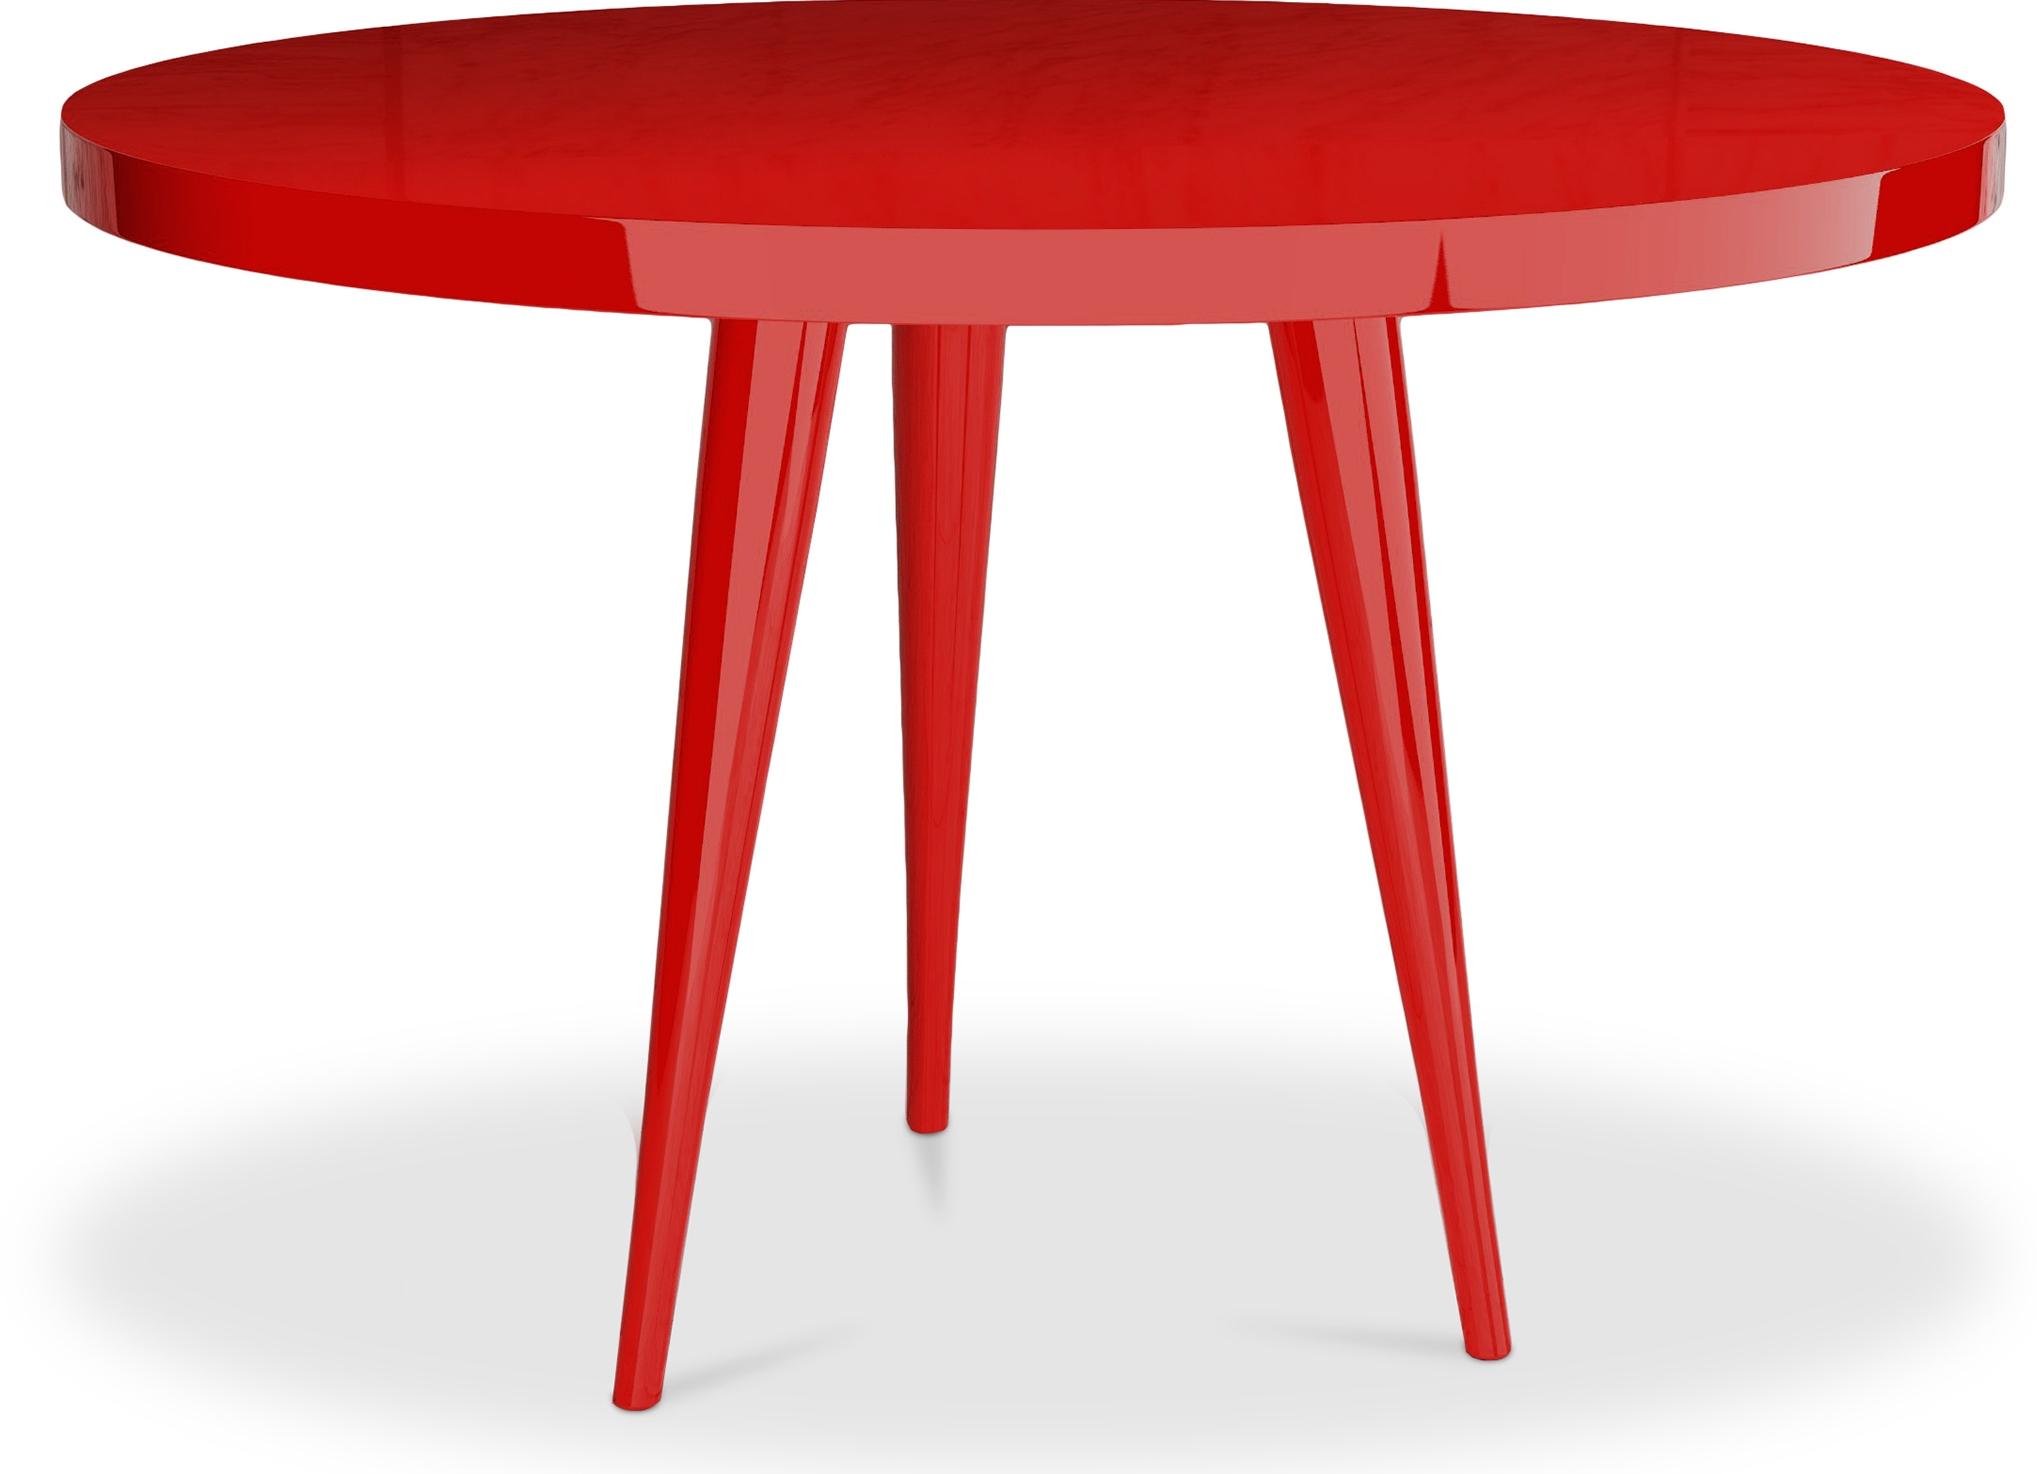 Table ronde haute qualit laqu rouge Kare LesTendancesfr